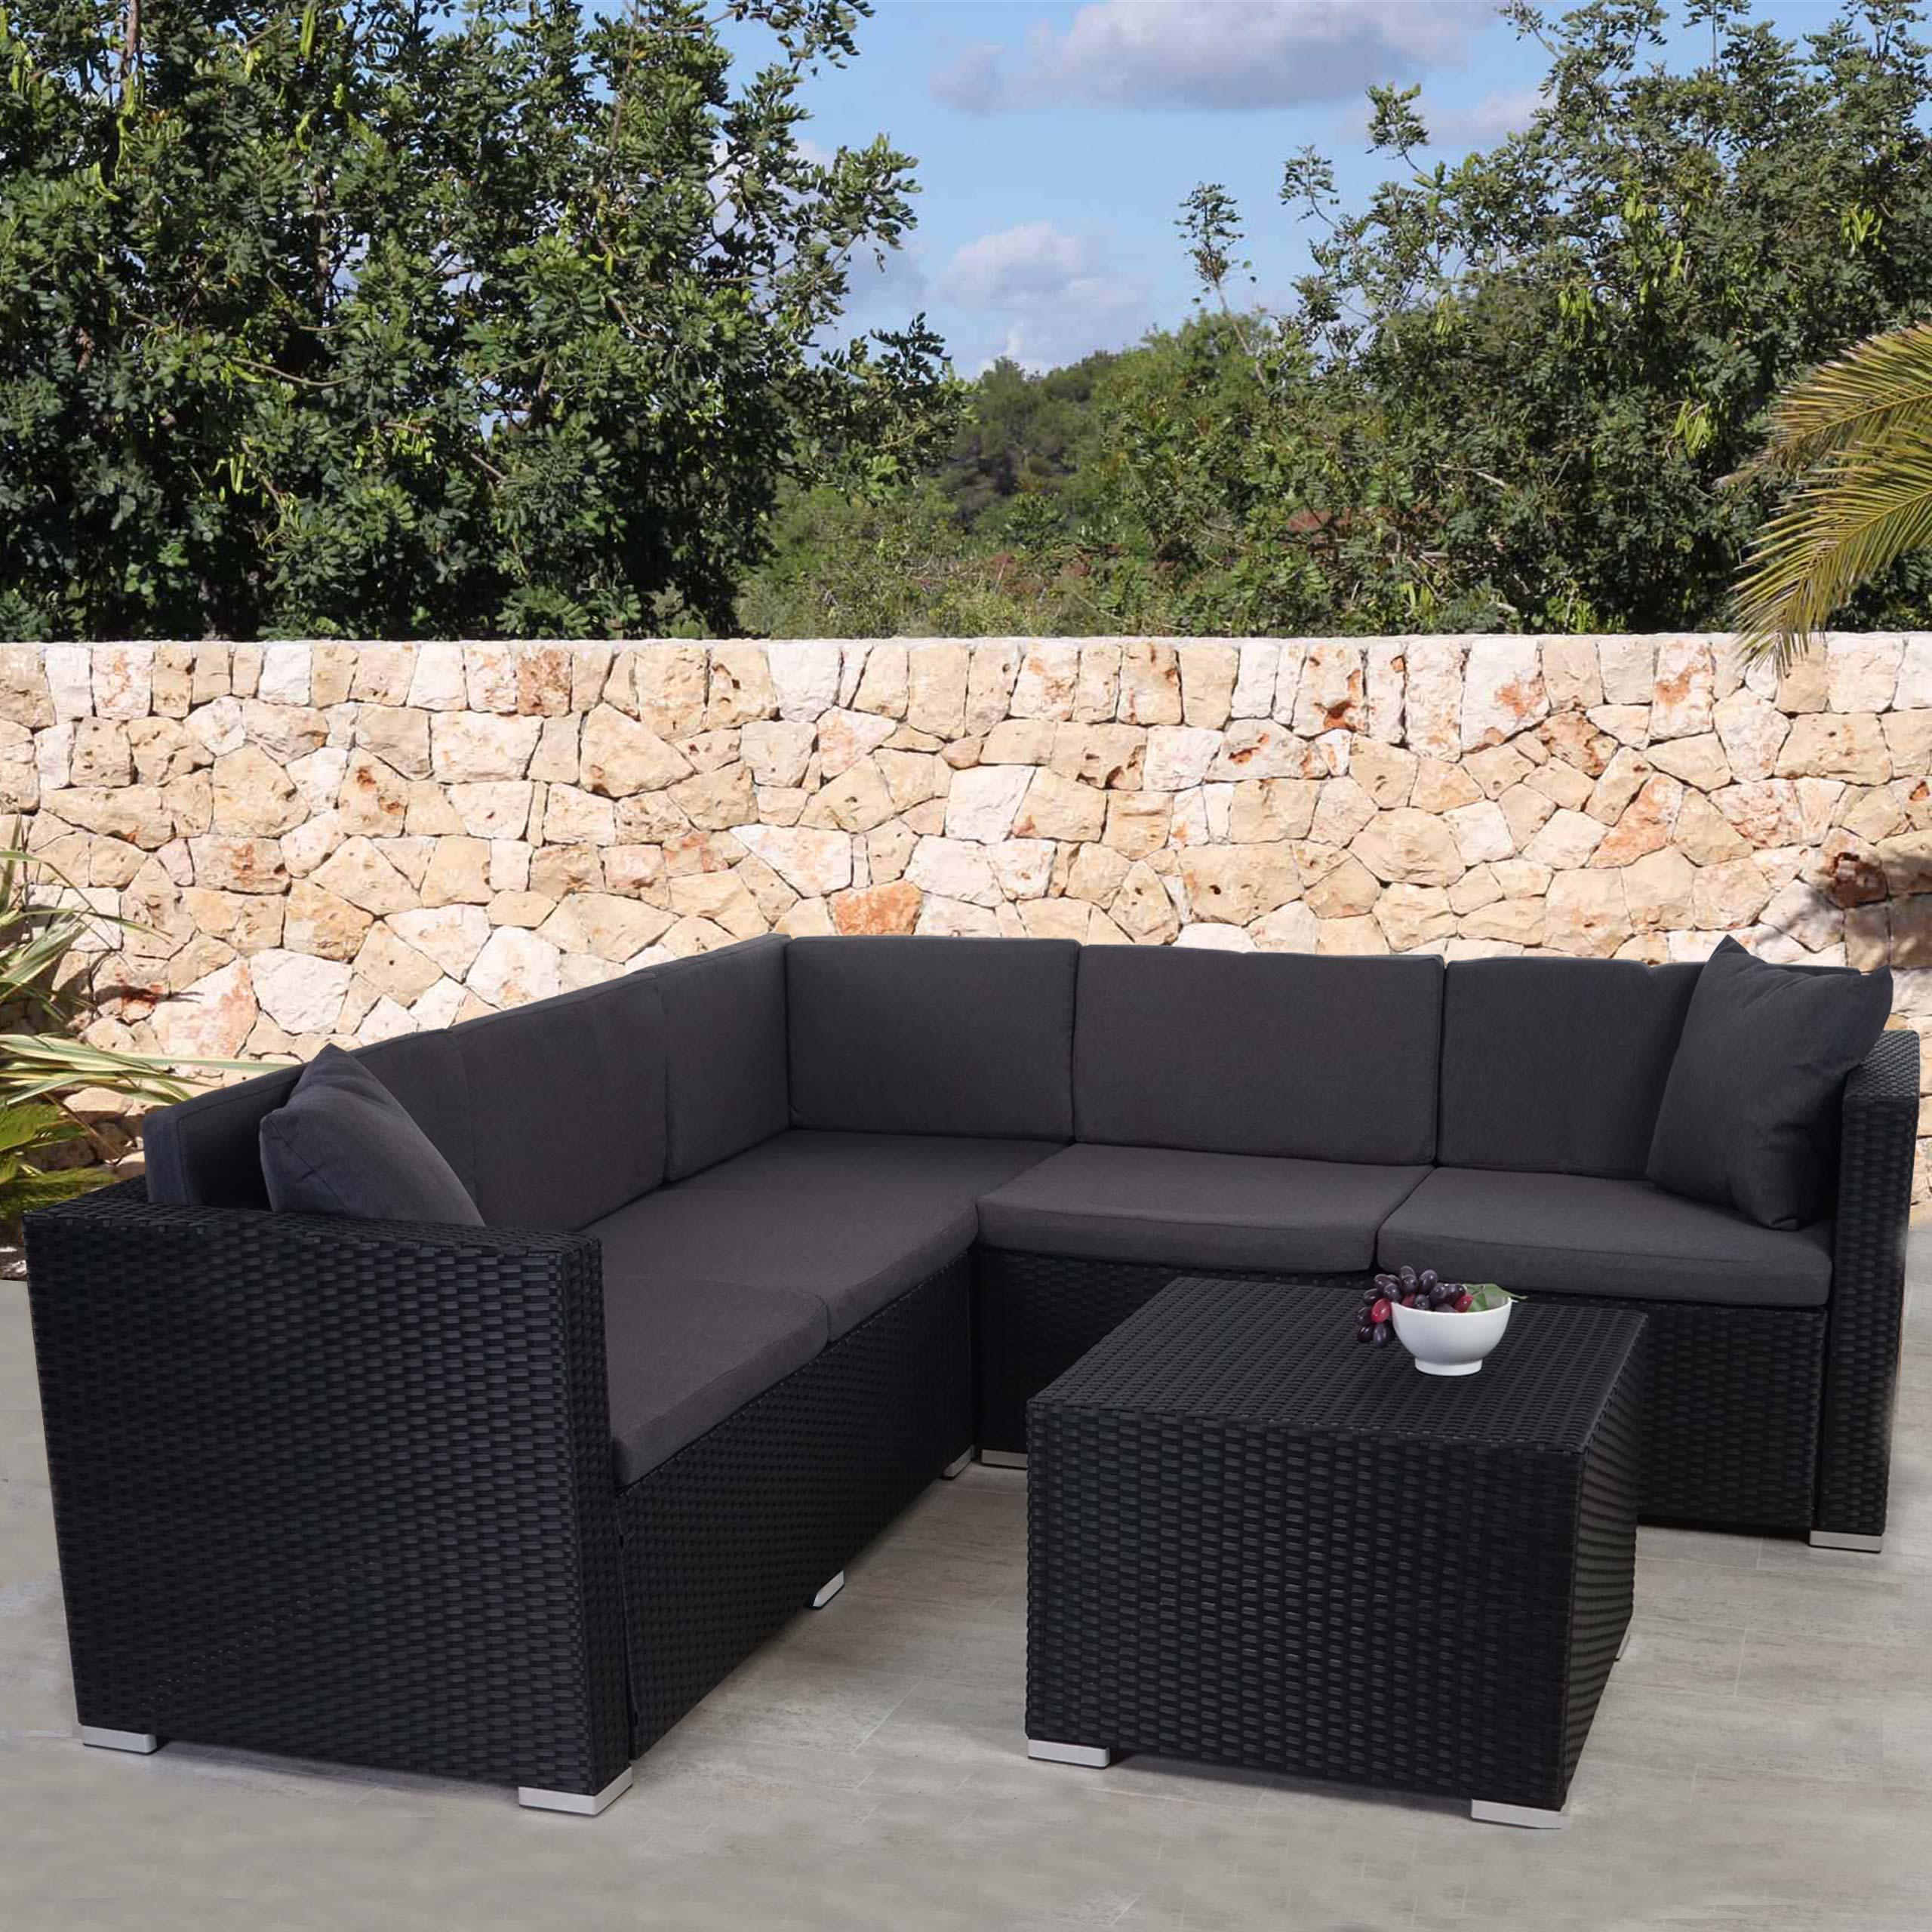 Full Size of Sofa Garnitur 3 Teilig Leder Billiger 2 Sofa Garnitur 3/2/1 Eiche Massivholz Garnituren Hersteller Couchgarnitur Kaufen Couch 3 2 1 Mit Relaxfunktion Sitzer Sofa Sofa Garnitur